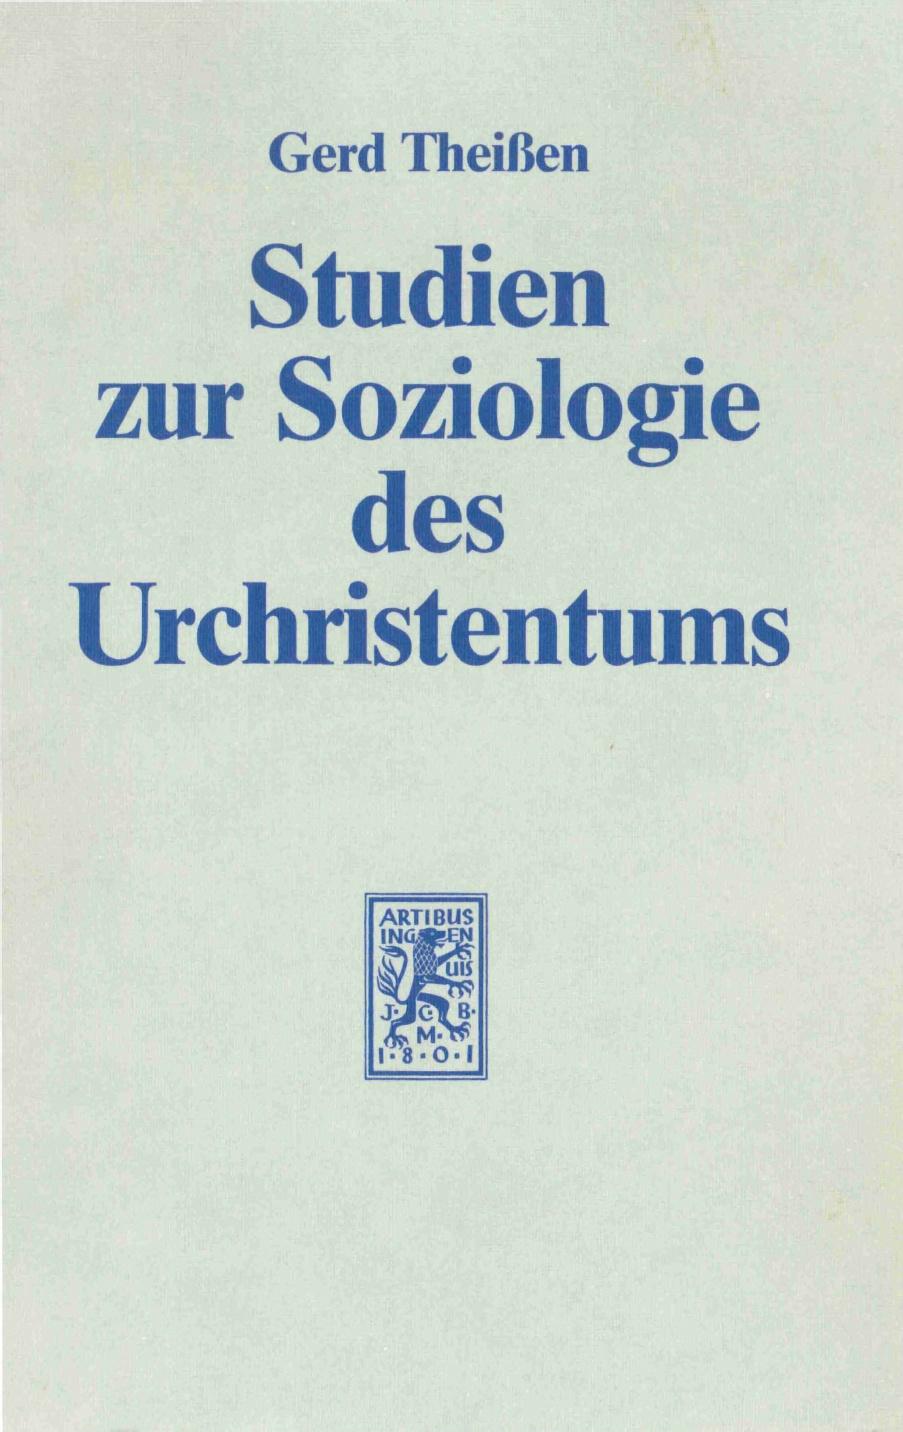 Gerd Theißen-Studien Zur Soziologie Des Urchristentums-